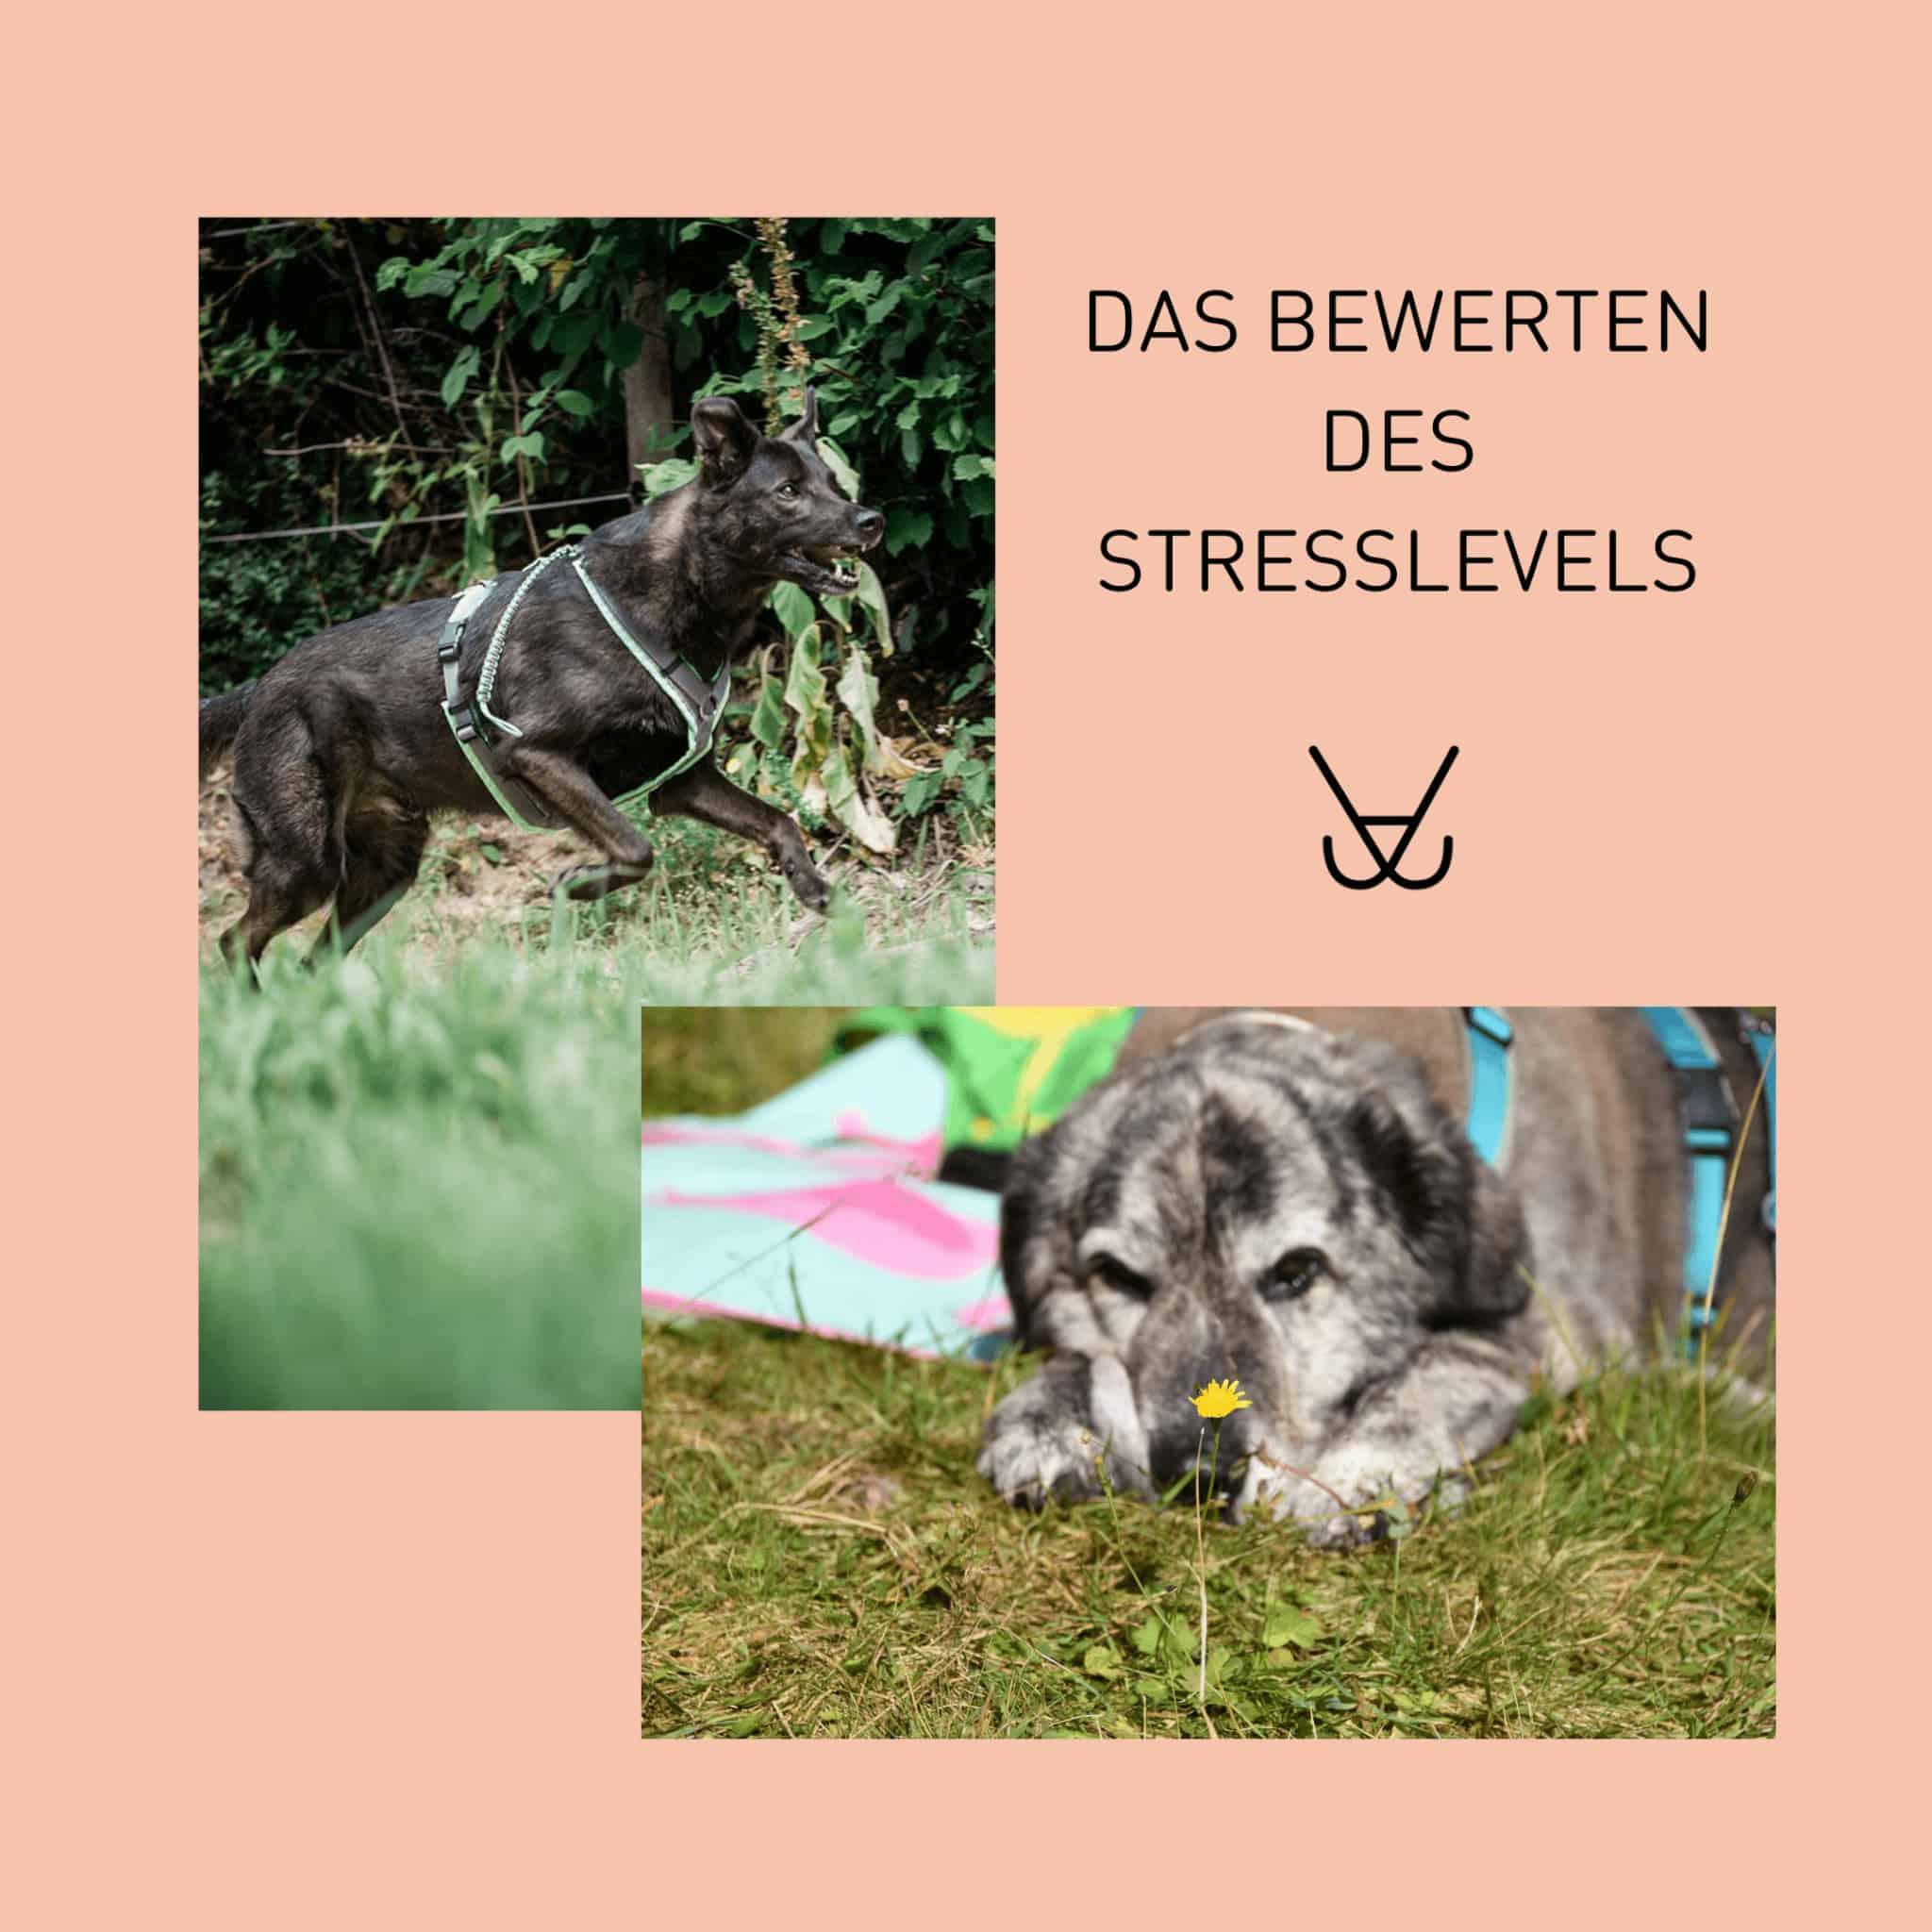 Wie ungesund ist Stress bei Hunden